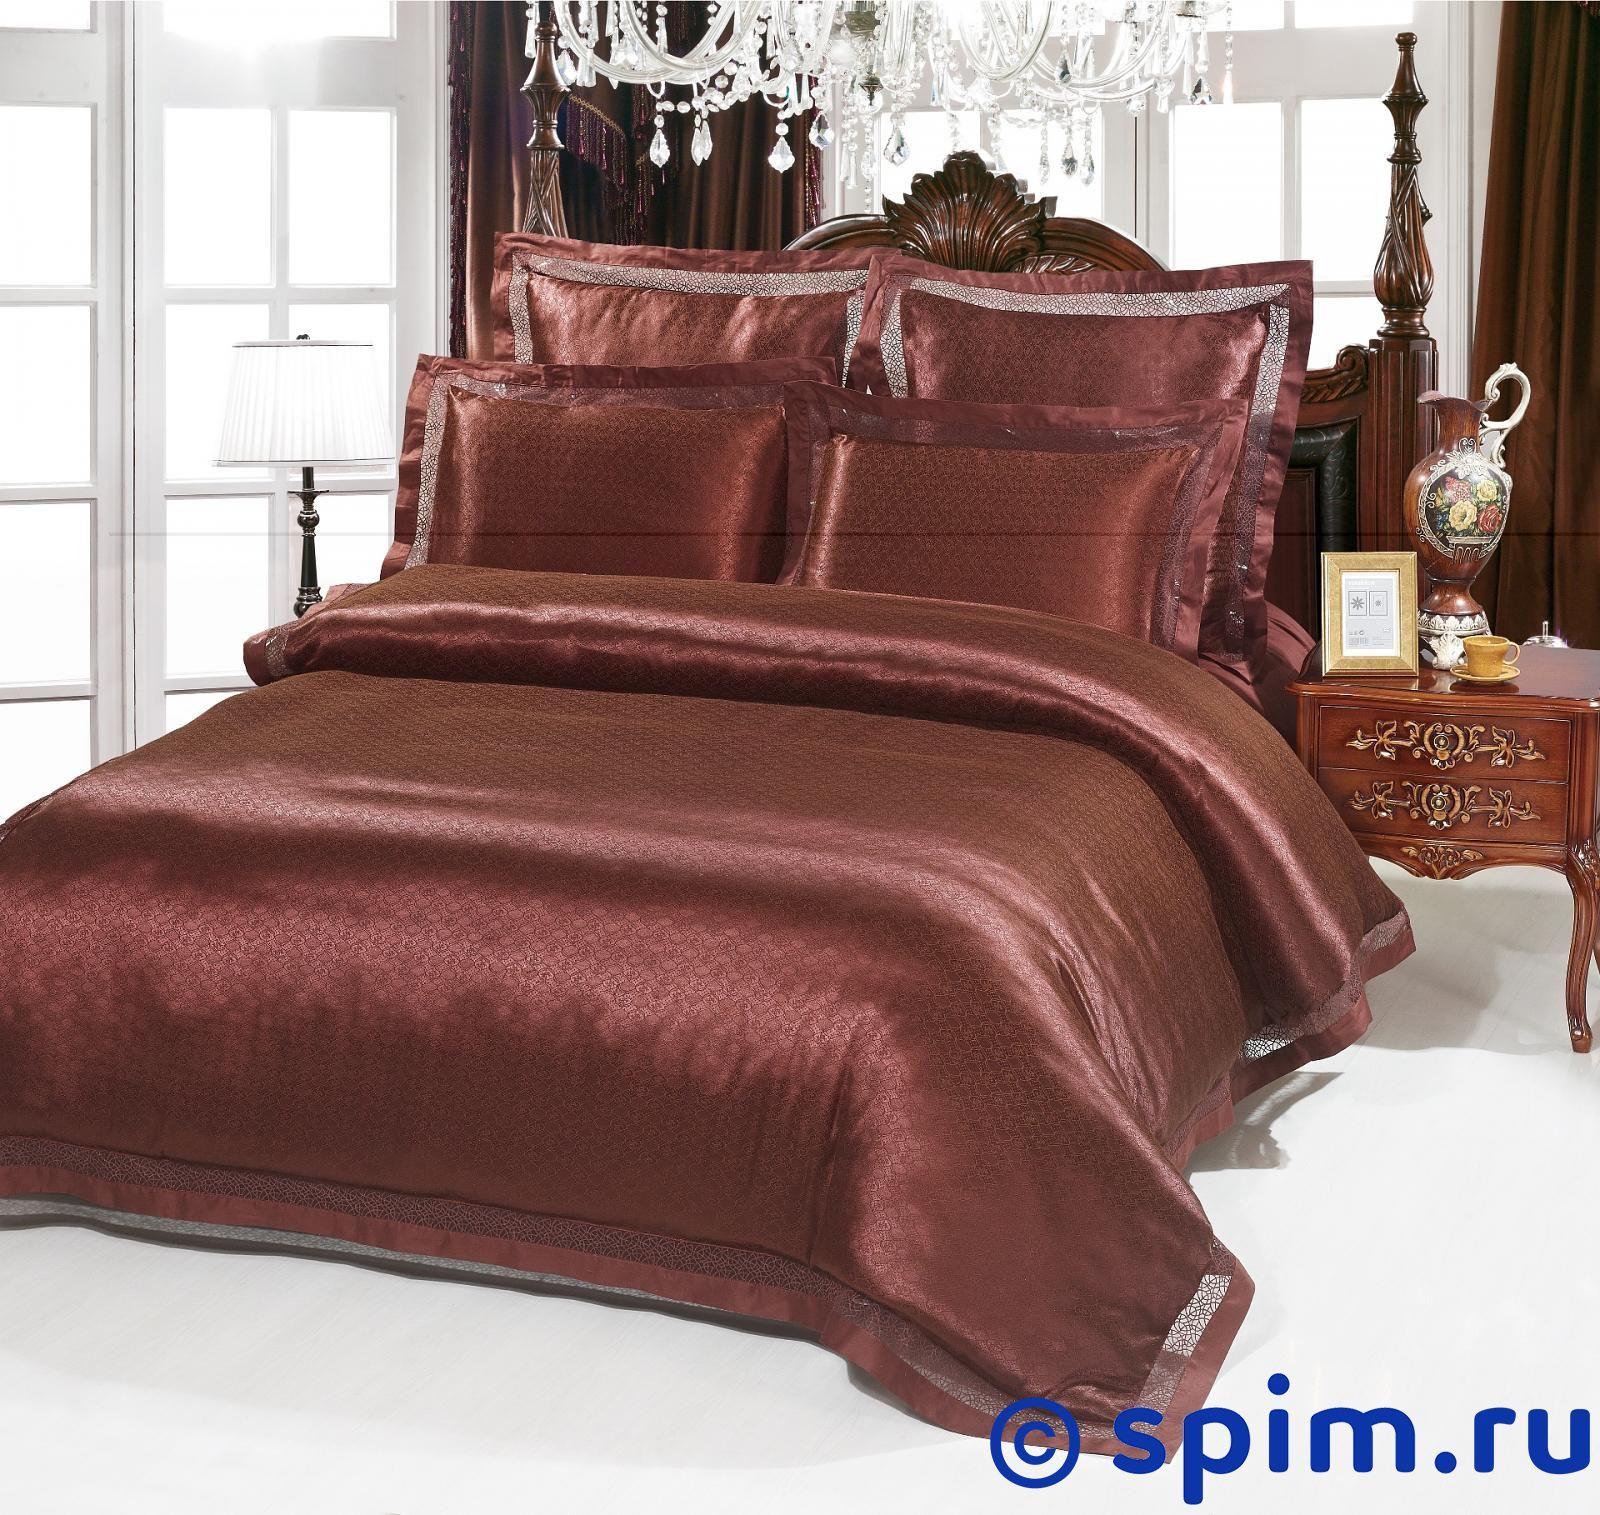 Постельное белье Kingsilk Sb-115 1.5 спальное